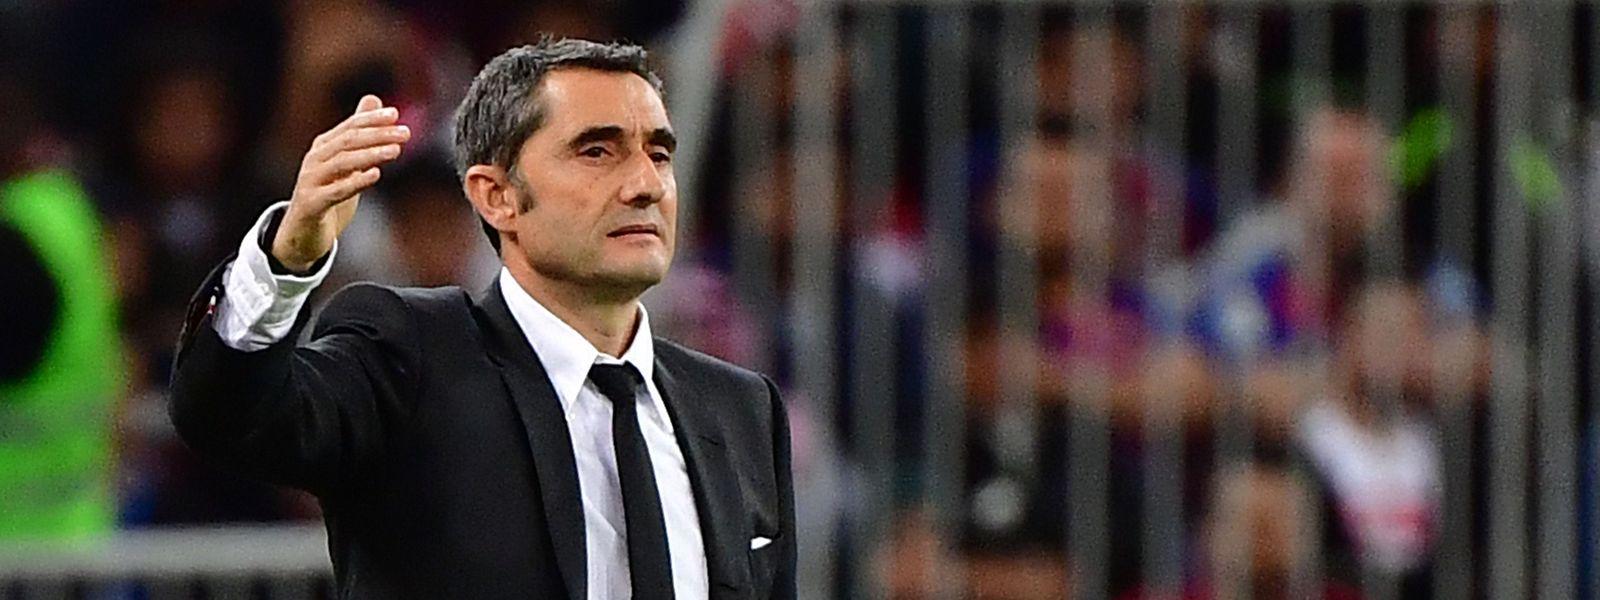 Ernesto Valverde muss den FC Barcelona nach zweieinhalb Jahren verlassen.